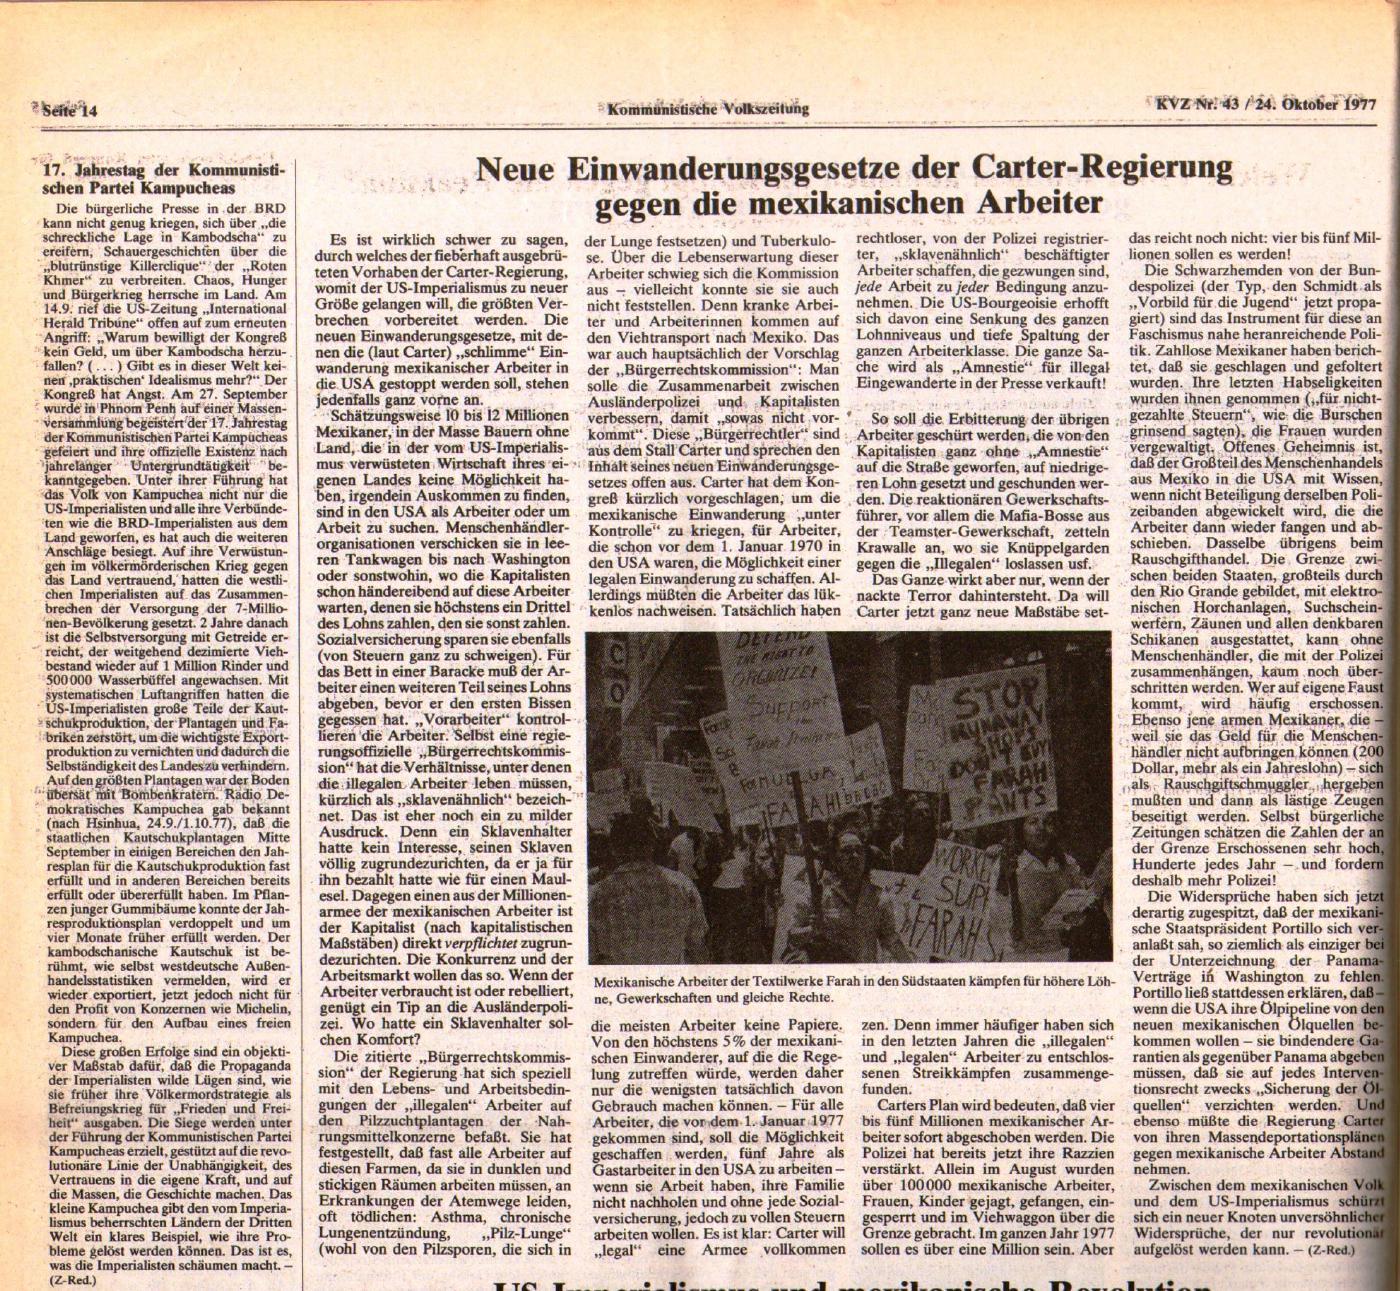 KVZ_Nord_1977_43_27